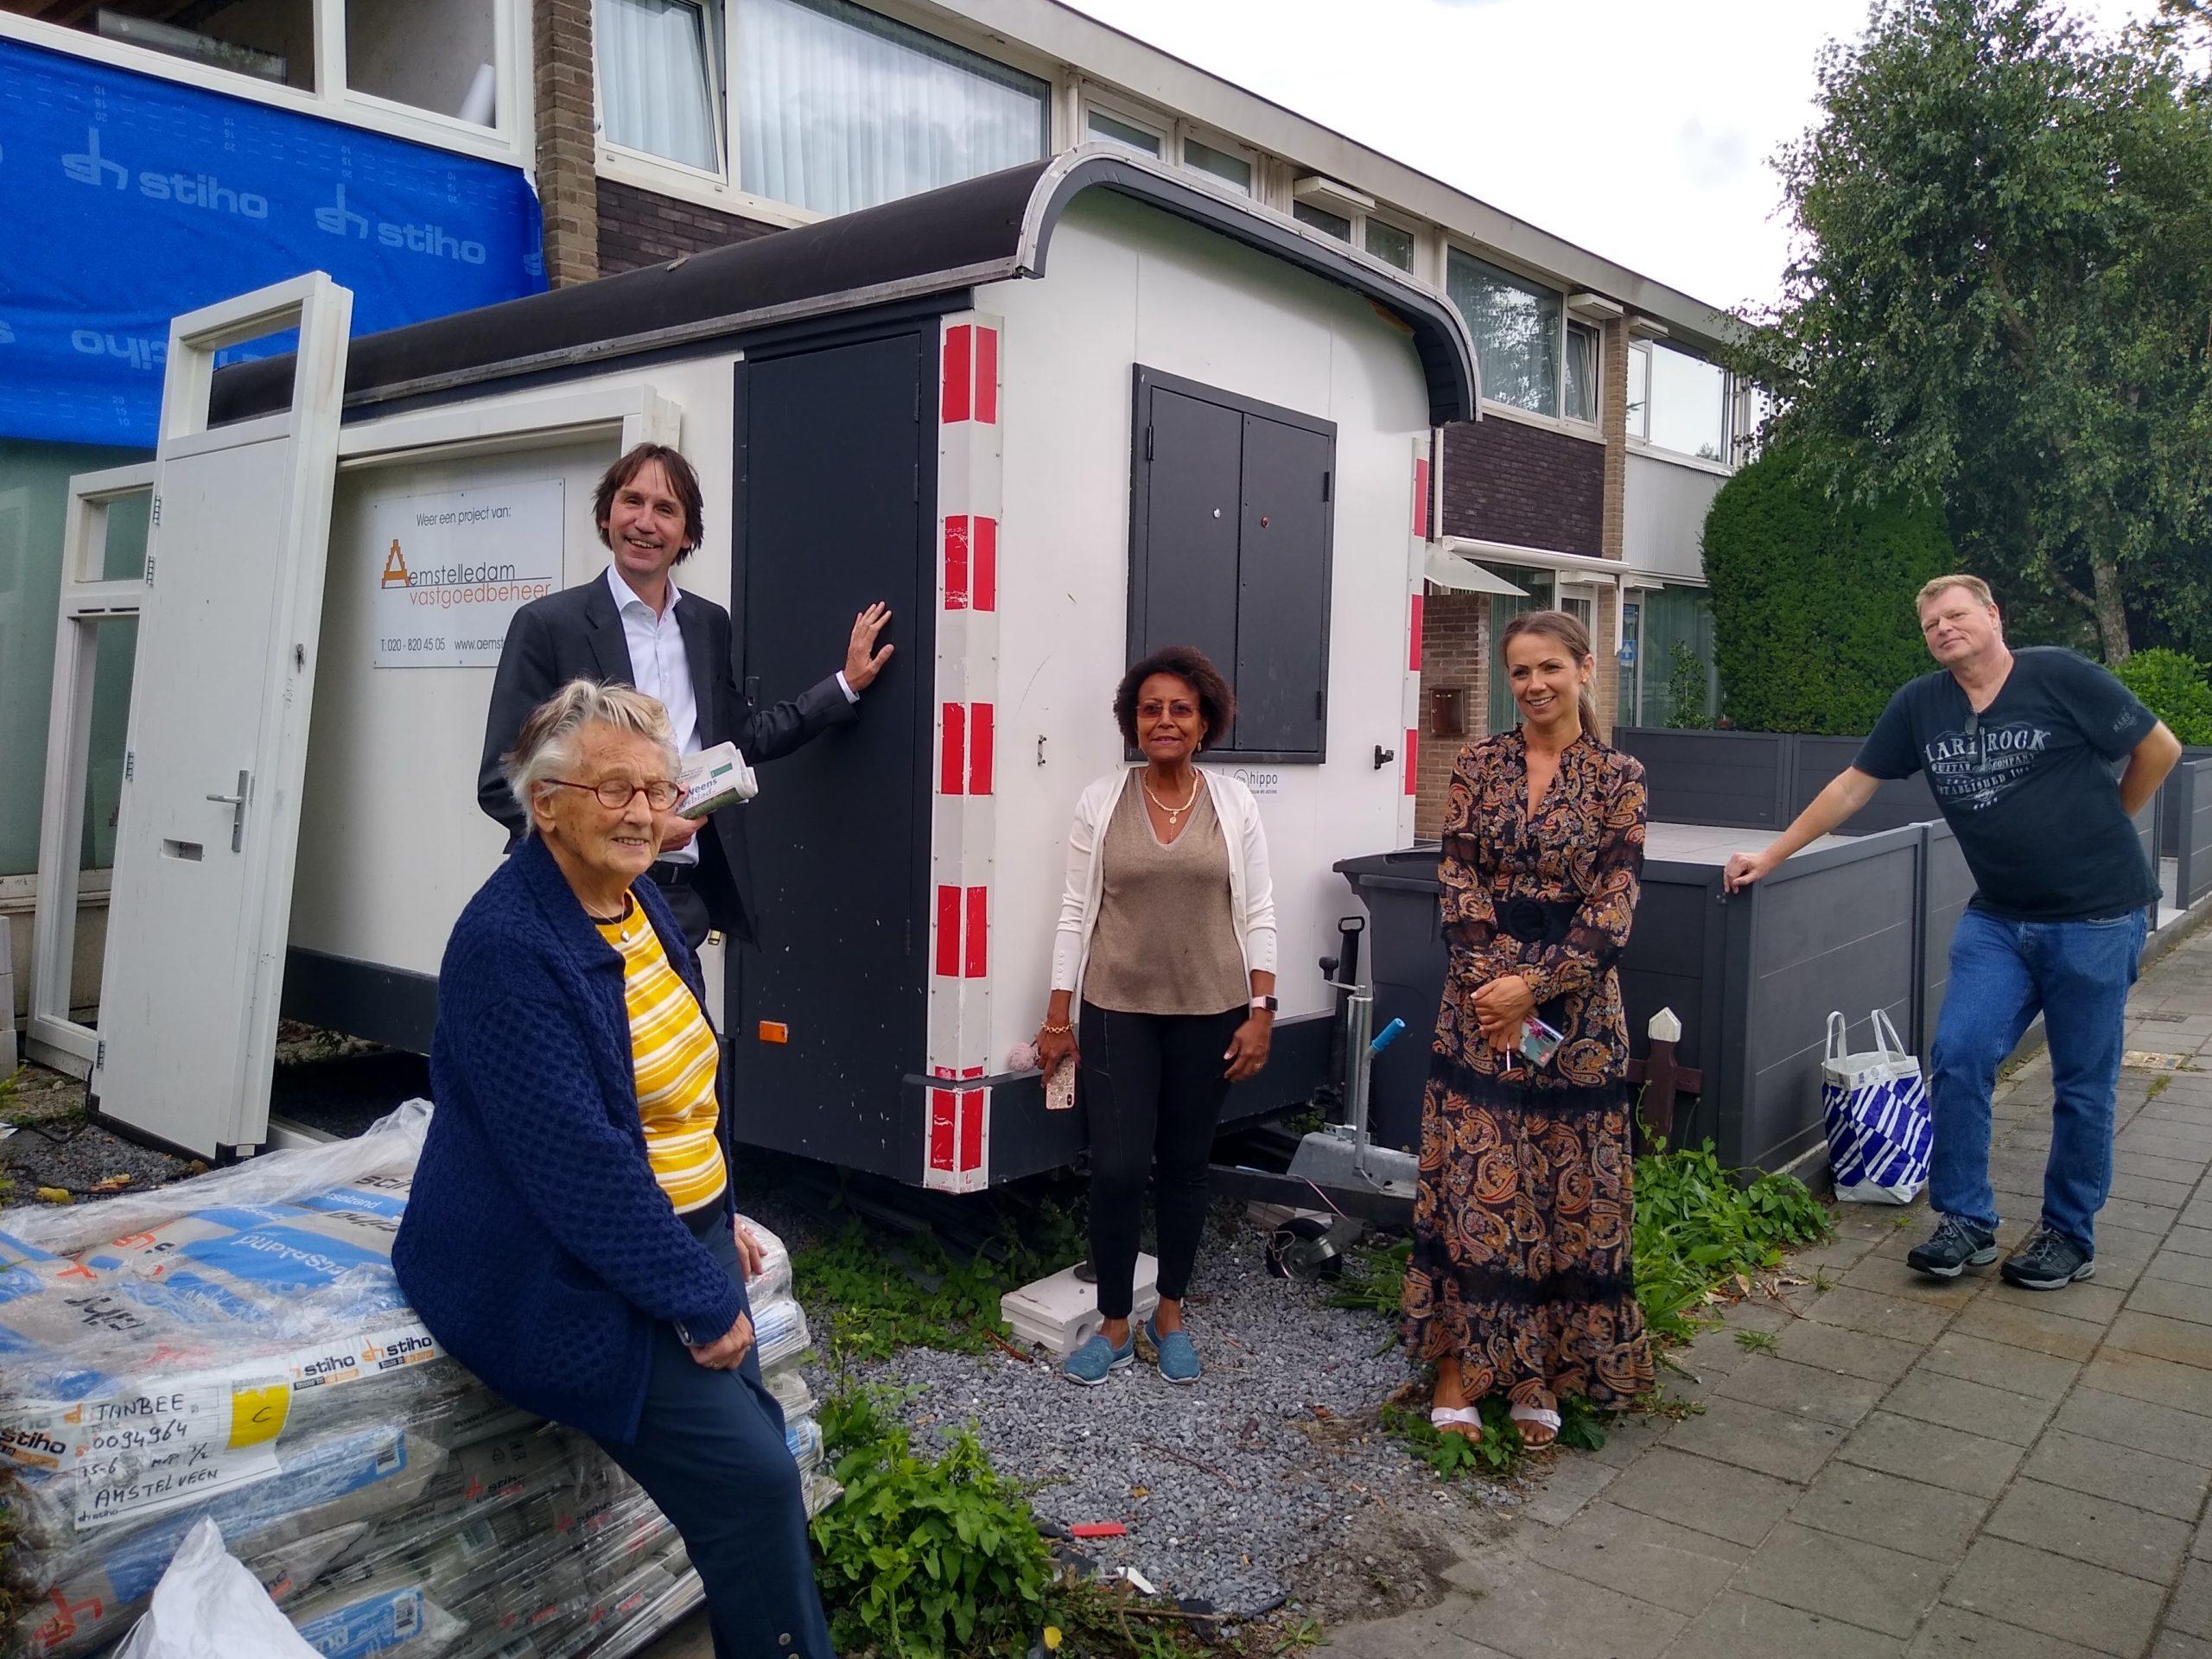 Gemeente Amstelveen 'Overlast door (ver)bouwwerkzaamheden'